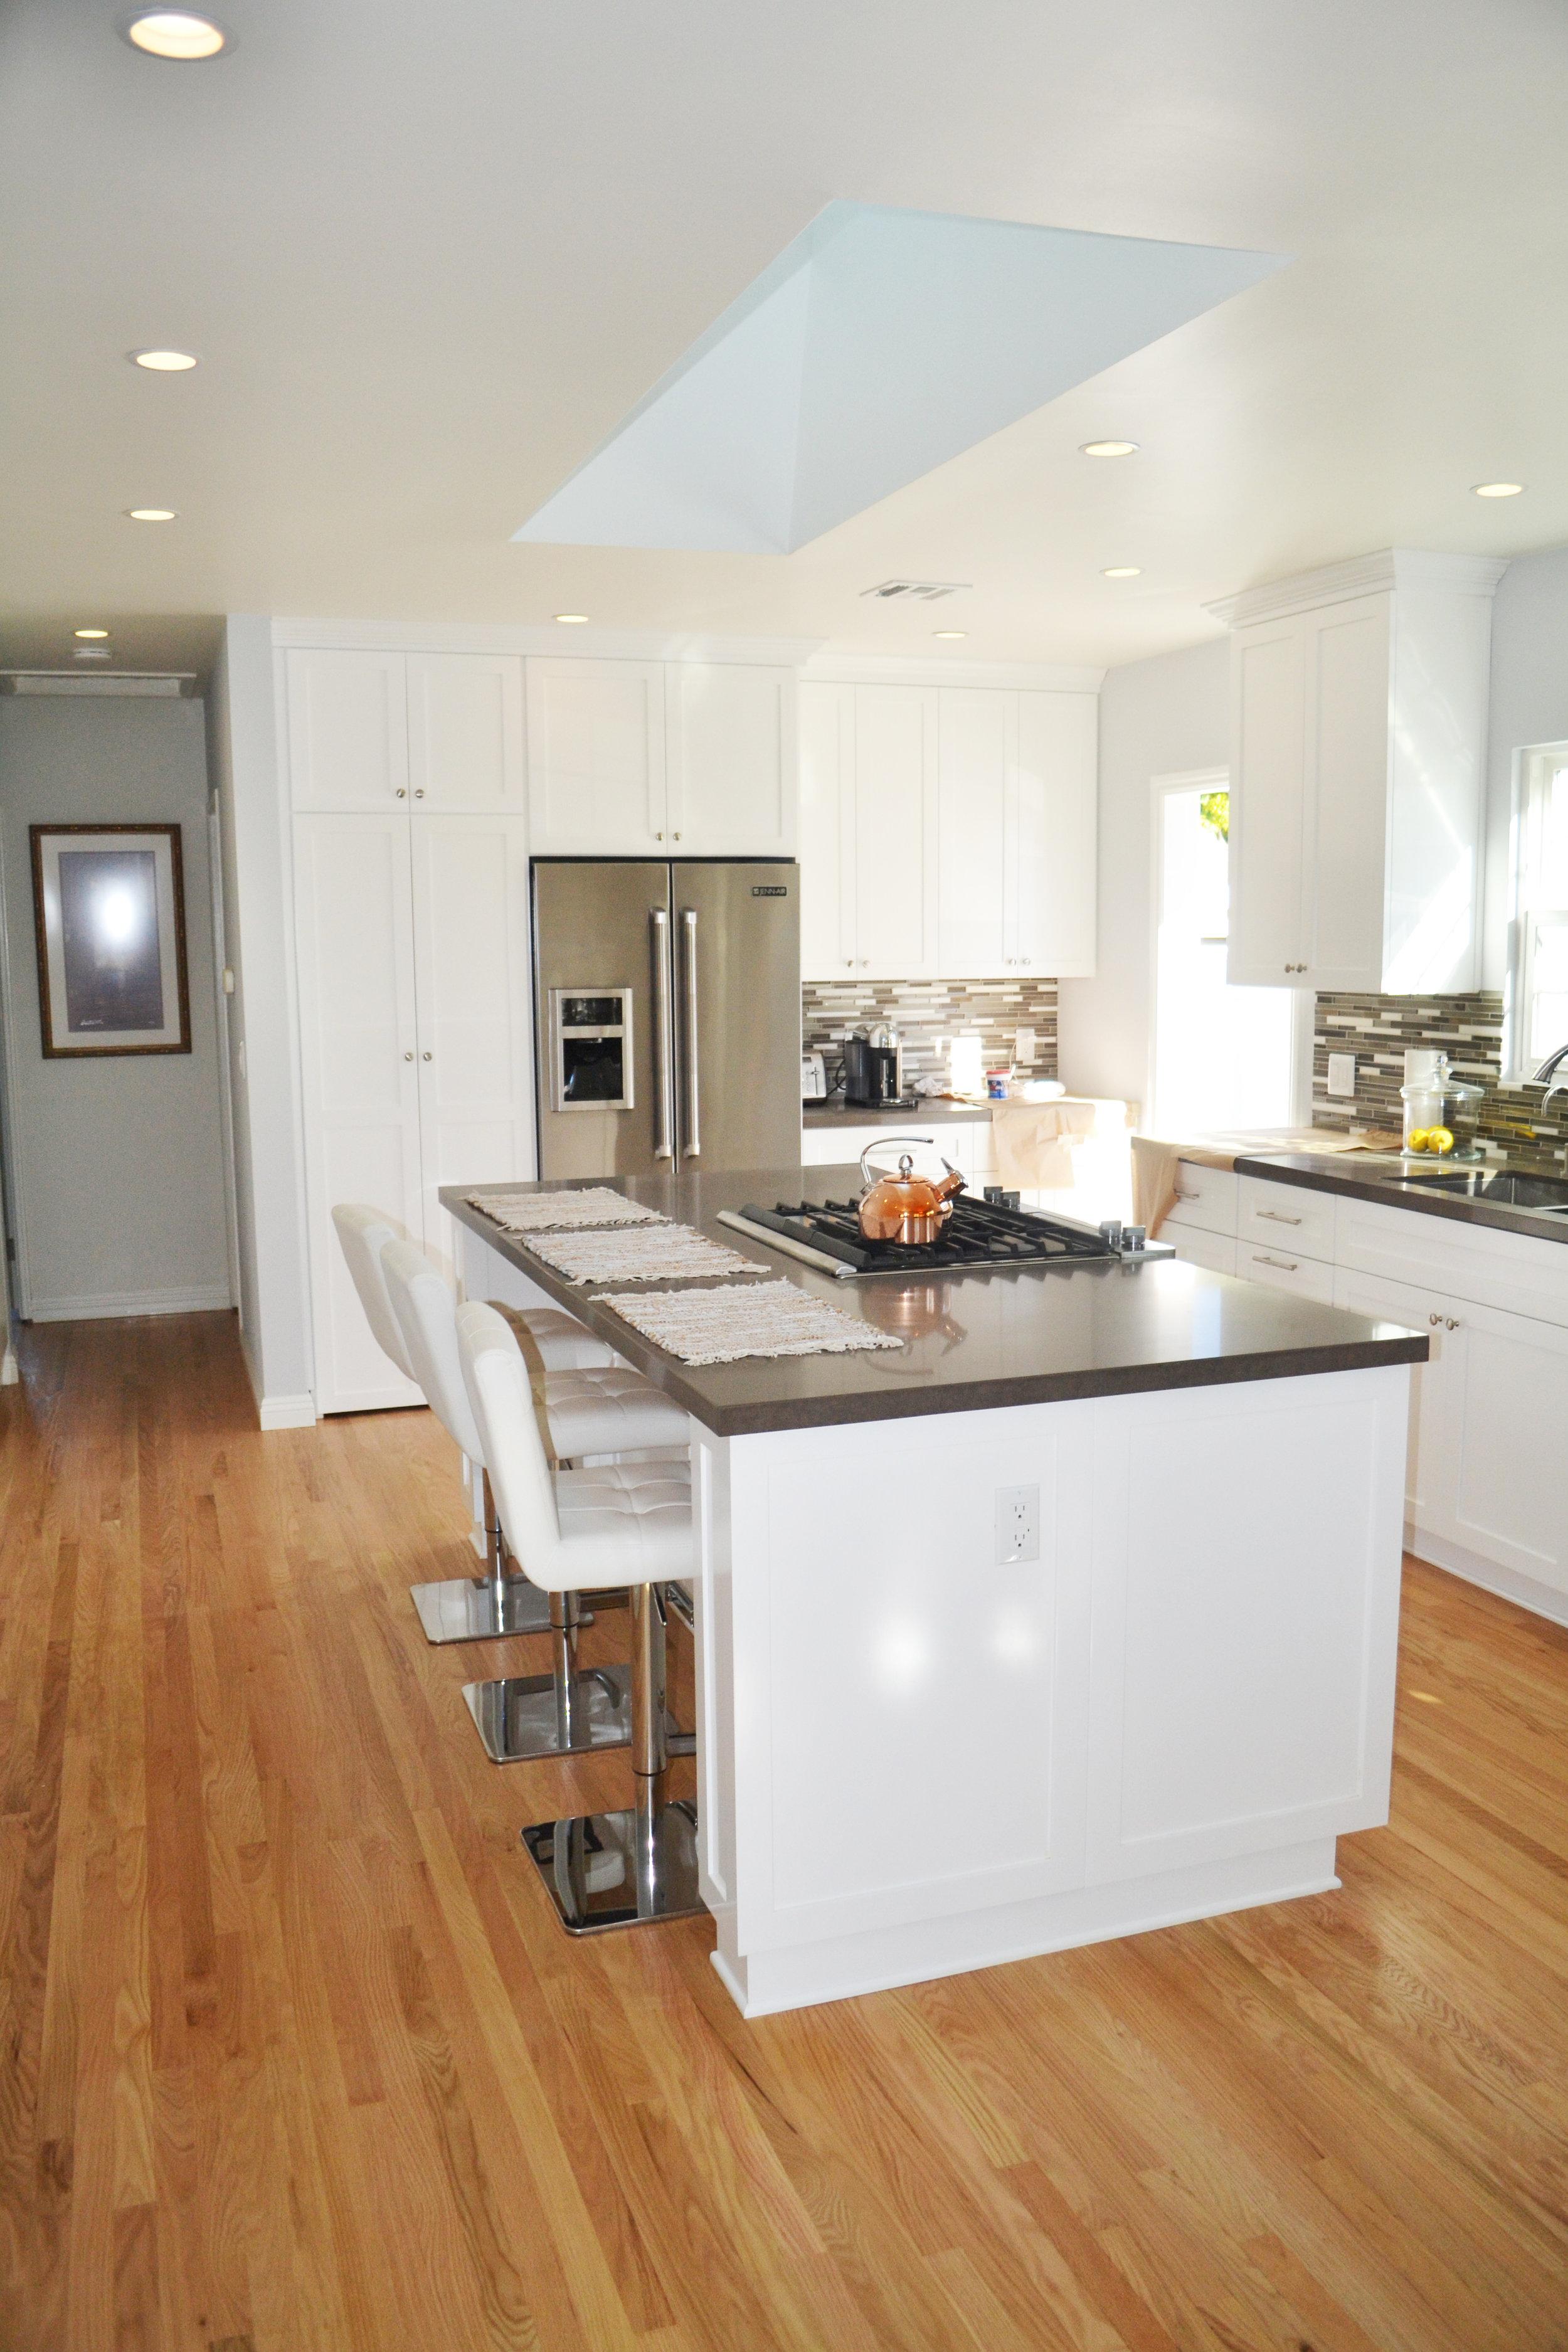 Burbank custom kitchen remodel